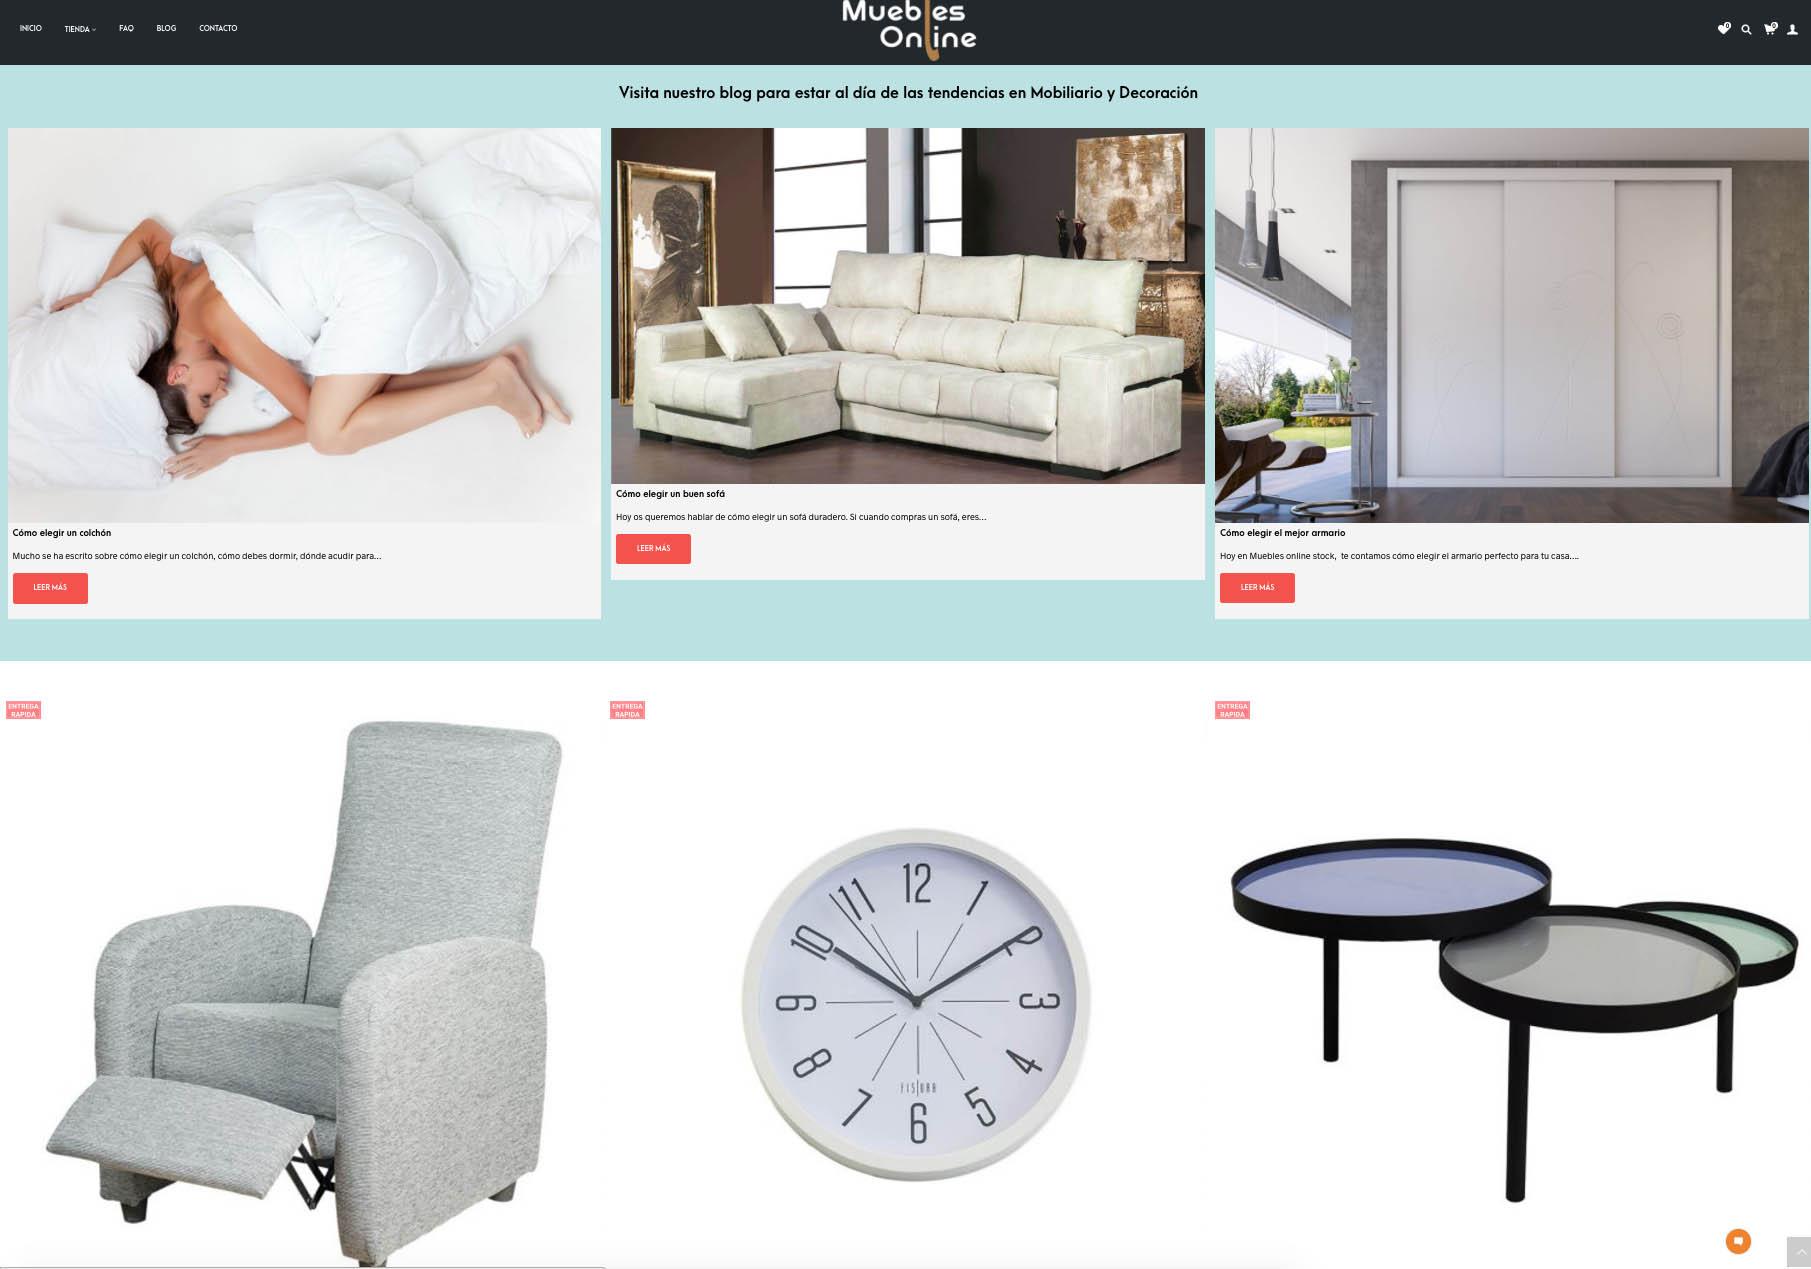 Muebles online d dalo digital for Muebles online madrid